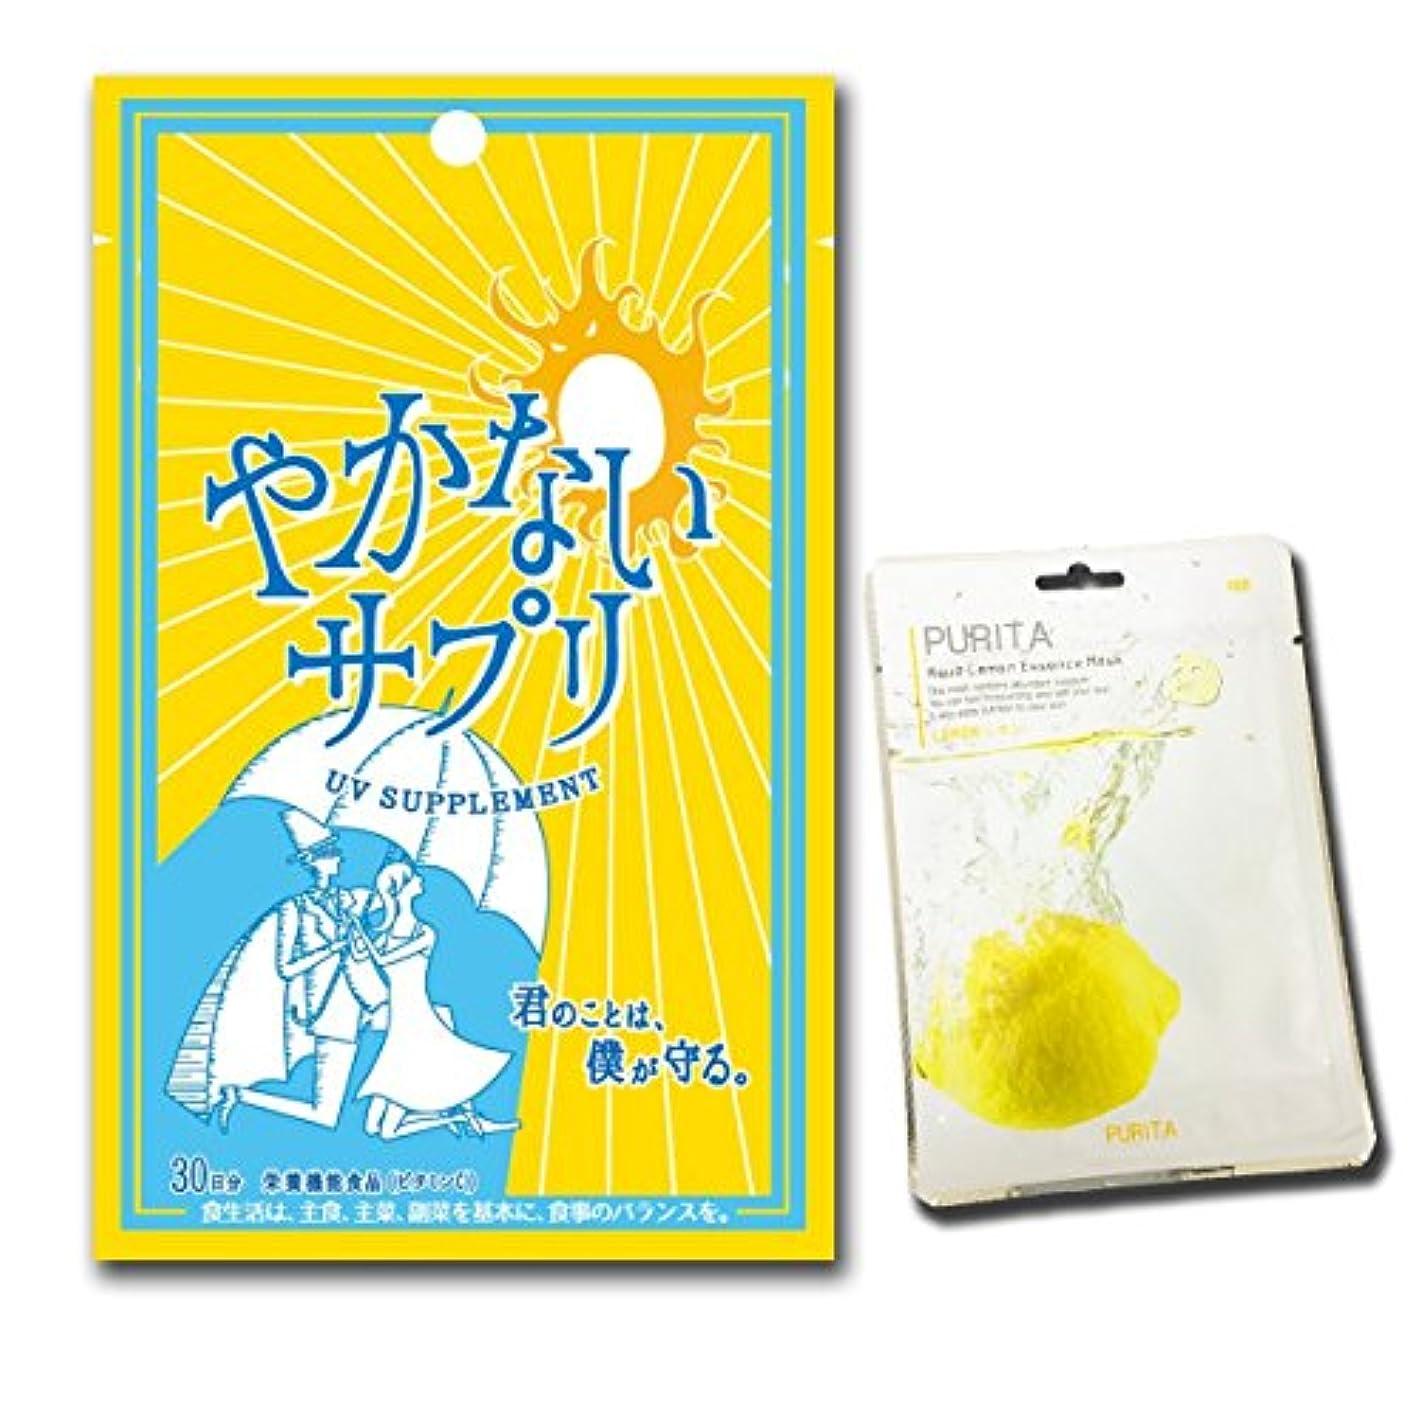 韻国マイクロプロセッサ飲む日焼け止め やかないサプリ 日本製 (30粒/30日分) PURITAフェイスマスク1枚付